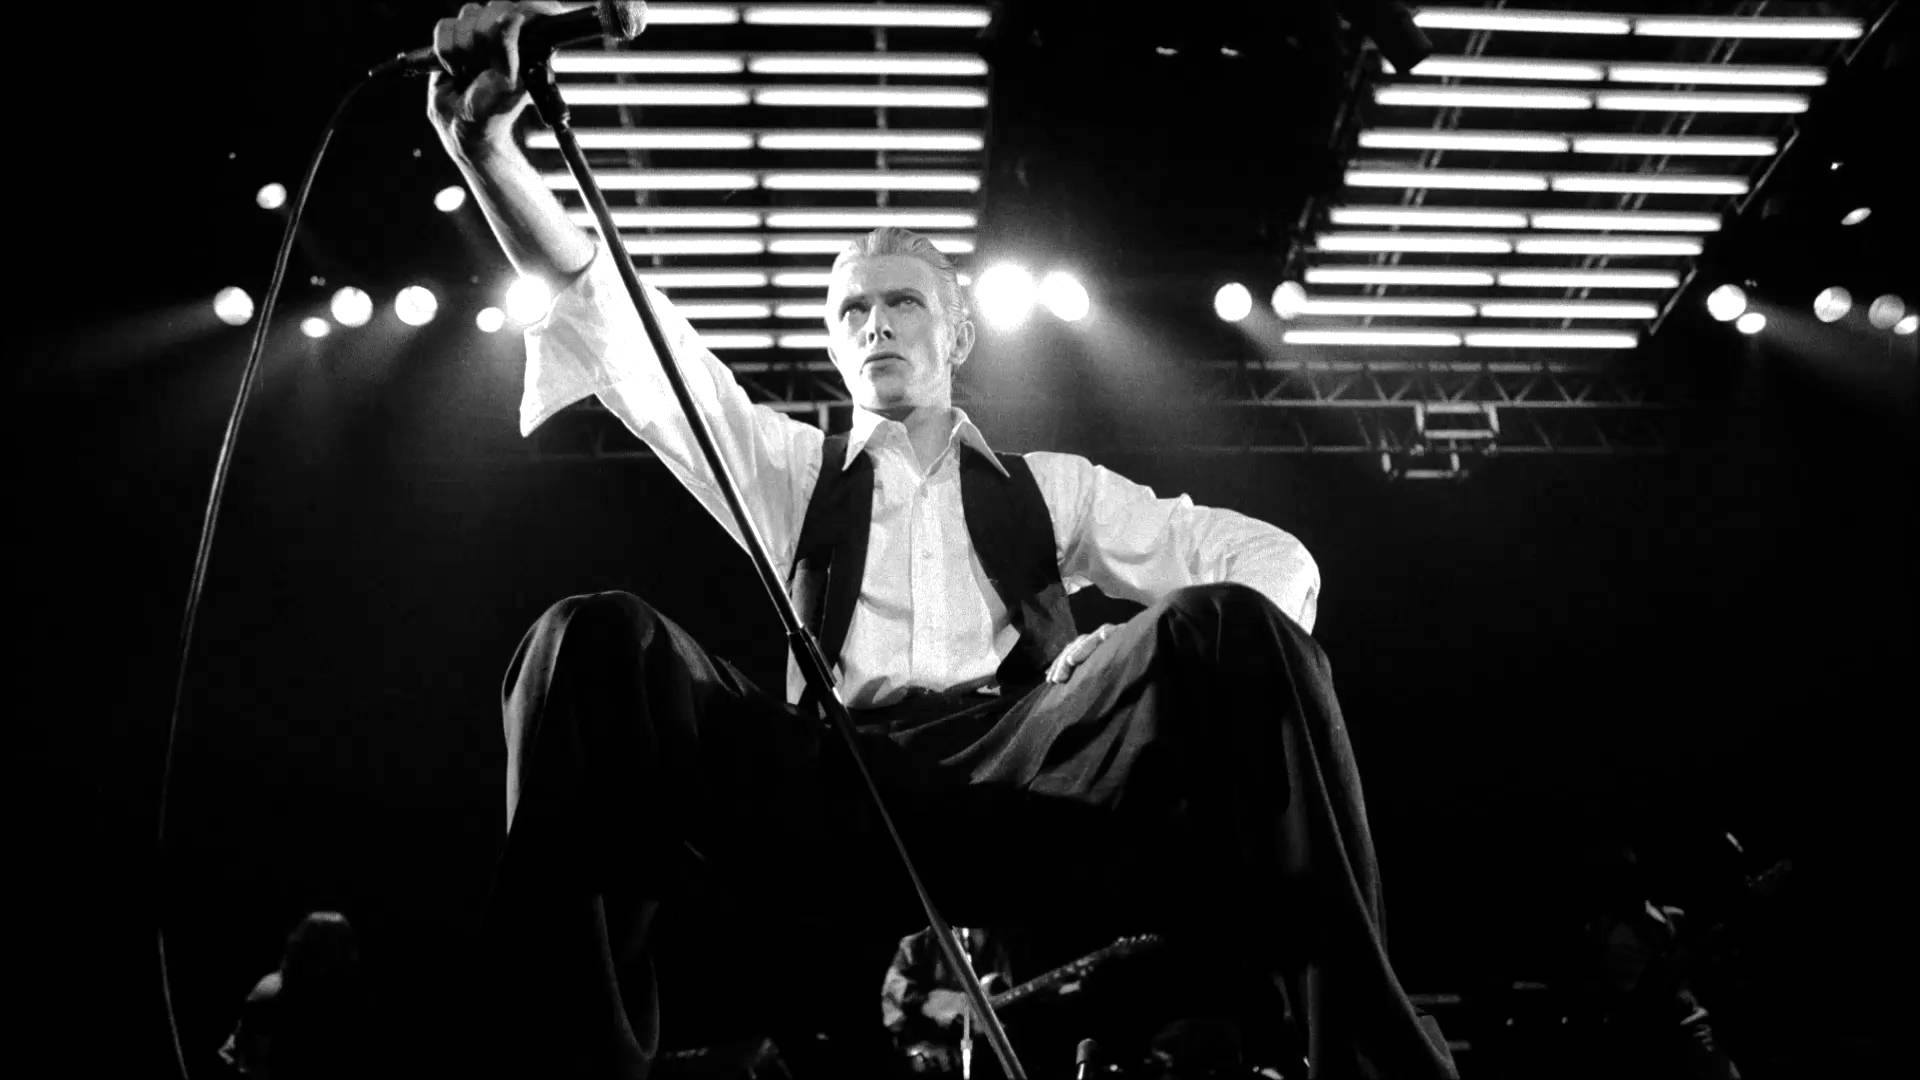 ★ DAVID BOWIE - Discografía confitada  ★  Tonight (1985) y Never let me down (1987). Un mal día lo tiene cualquiera. - Página 7 Bowie-cover